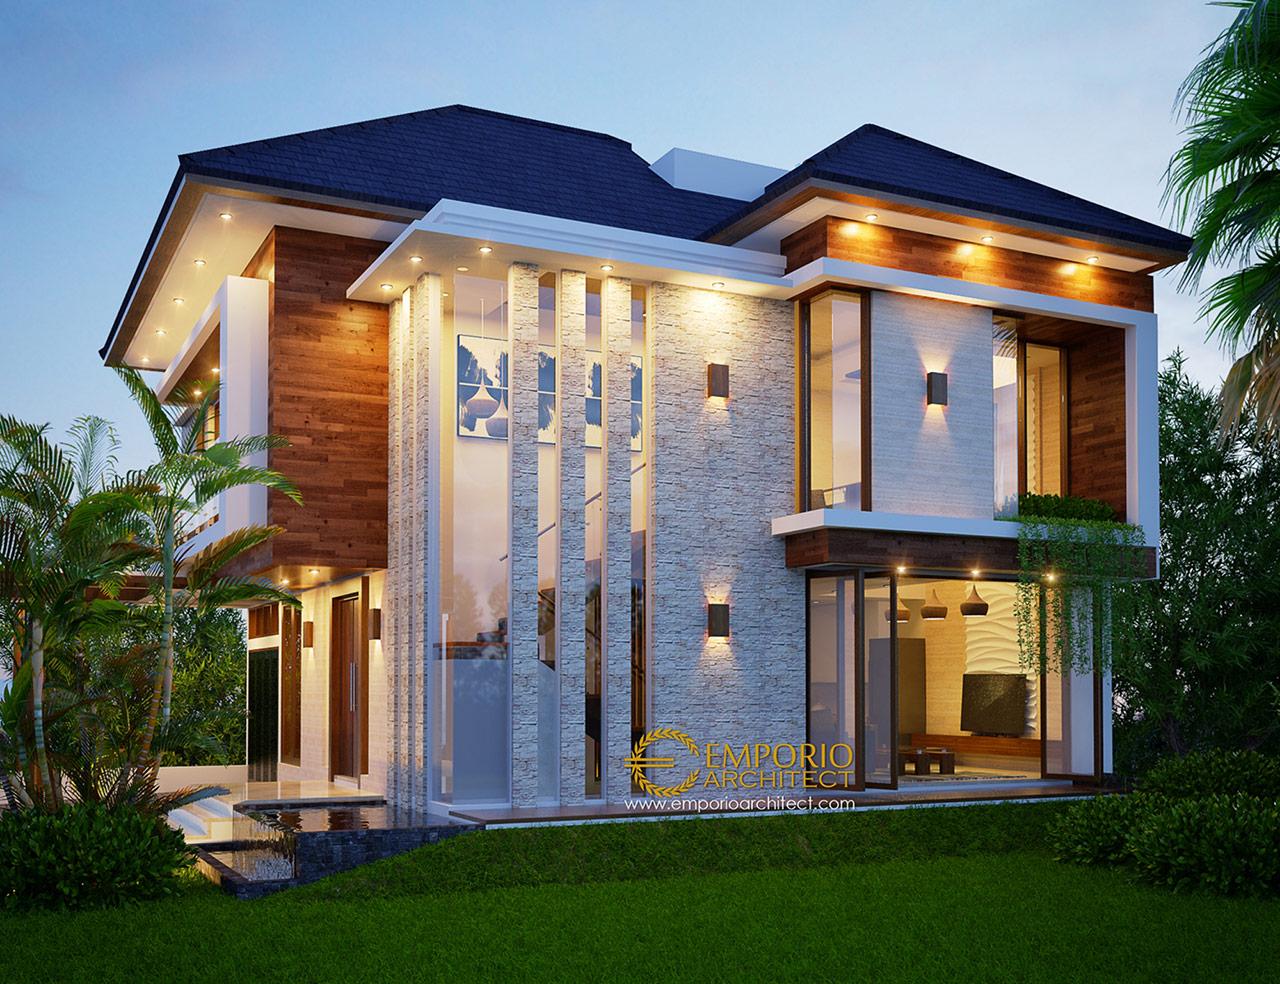 Desain Rumah Minimalis Untuk Pengantin Baru